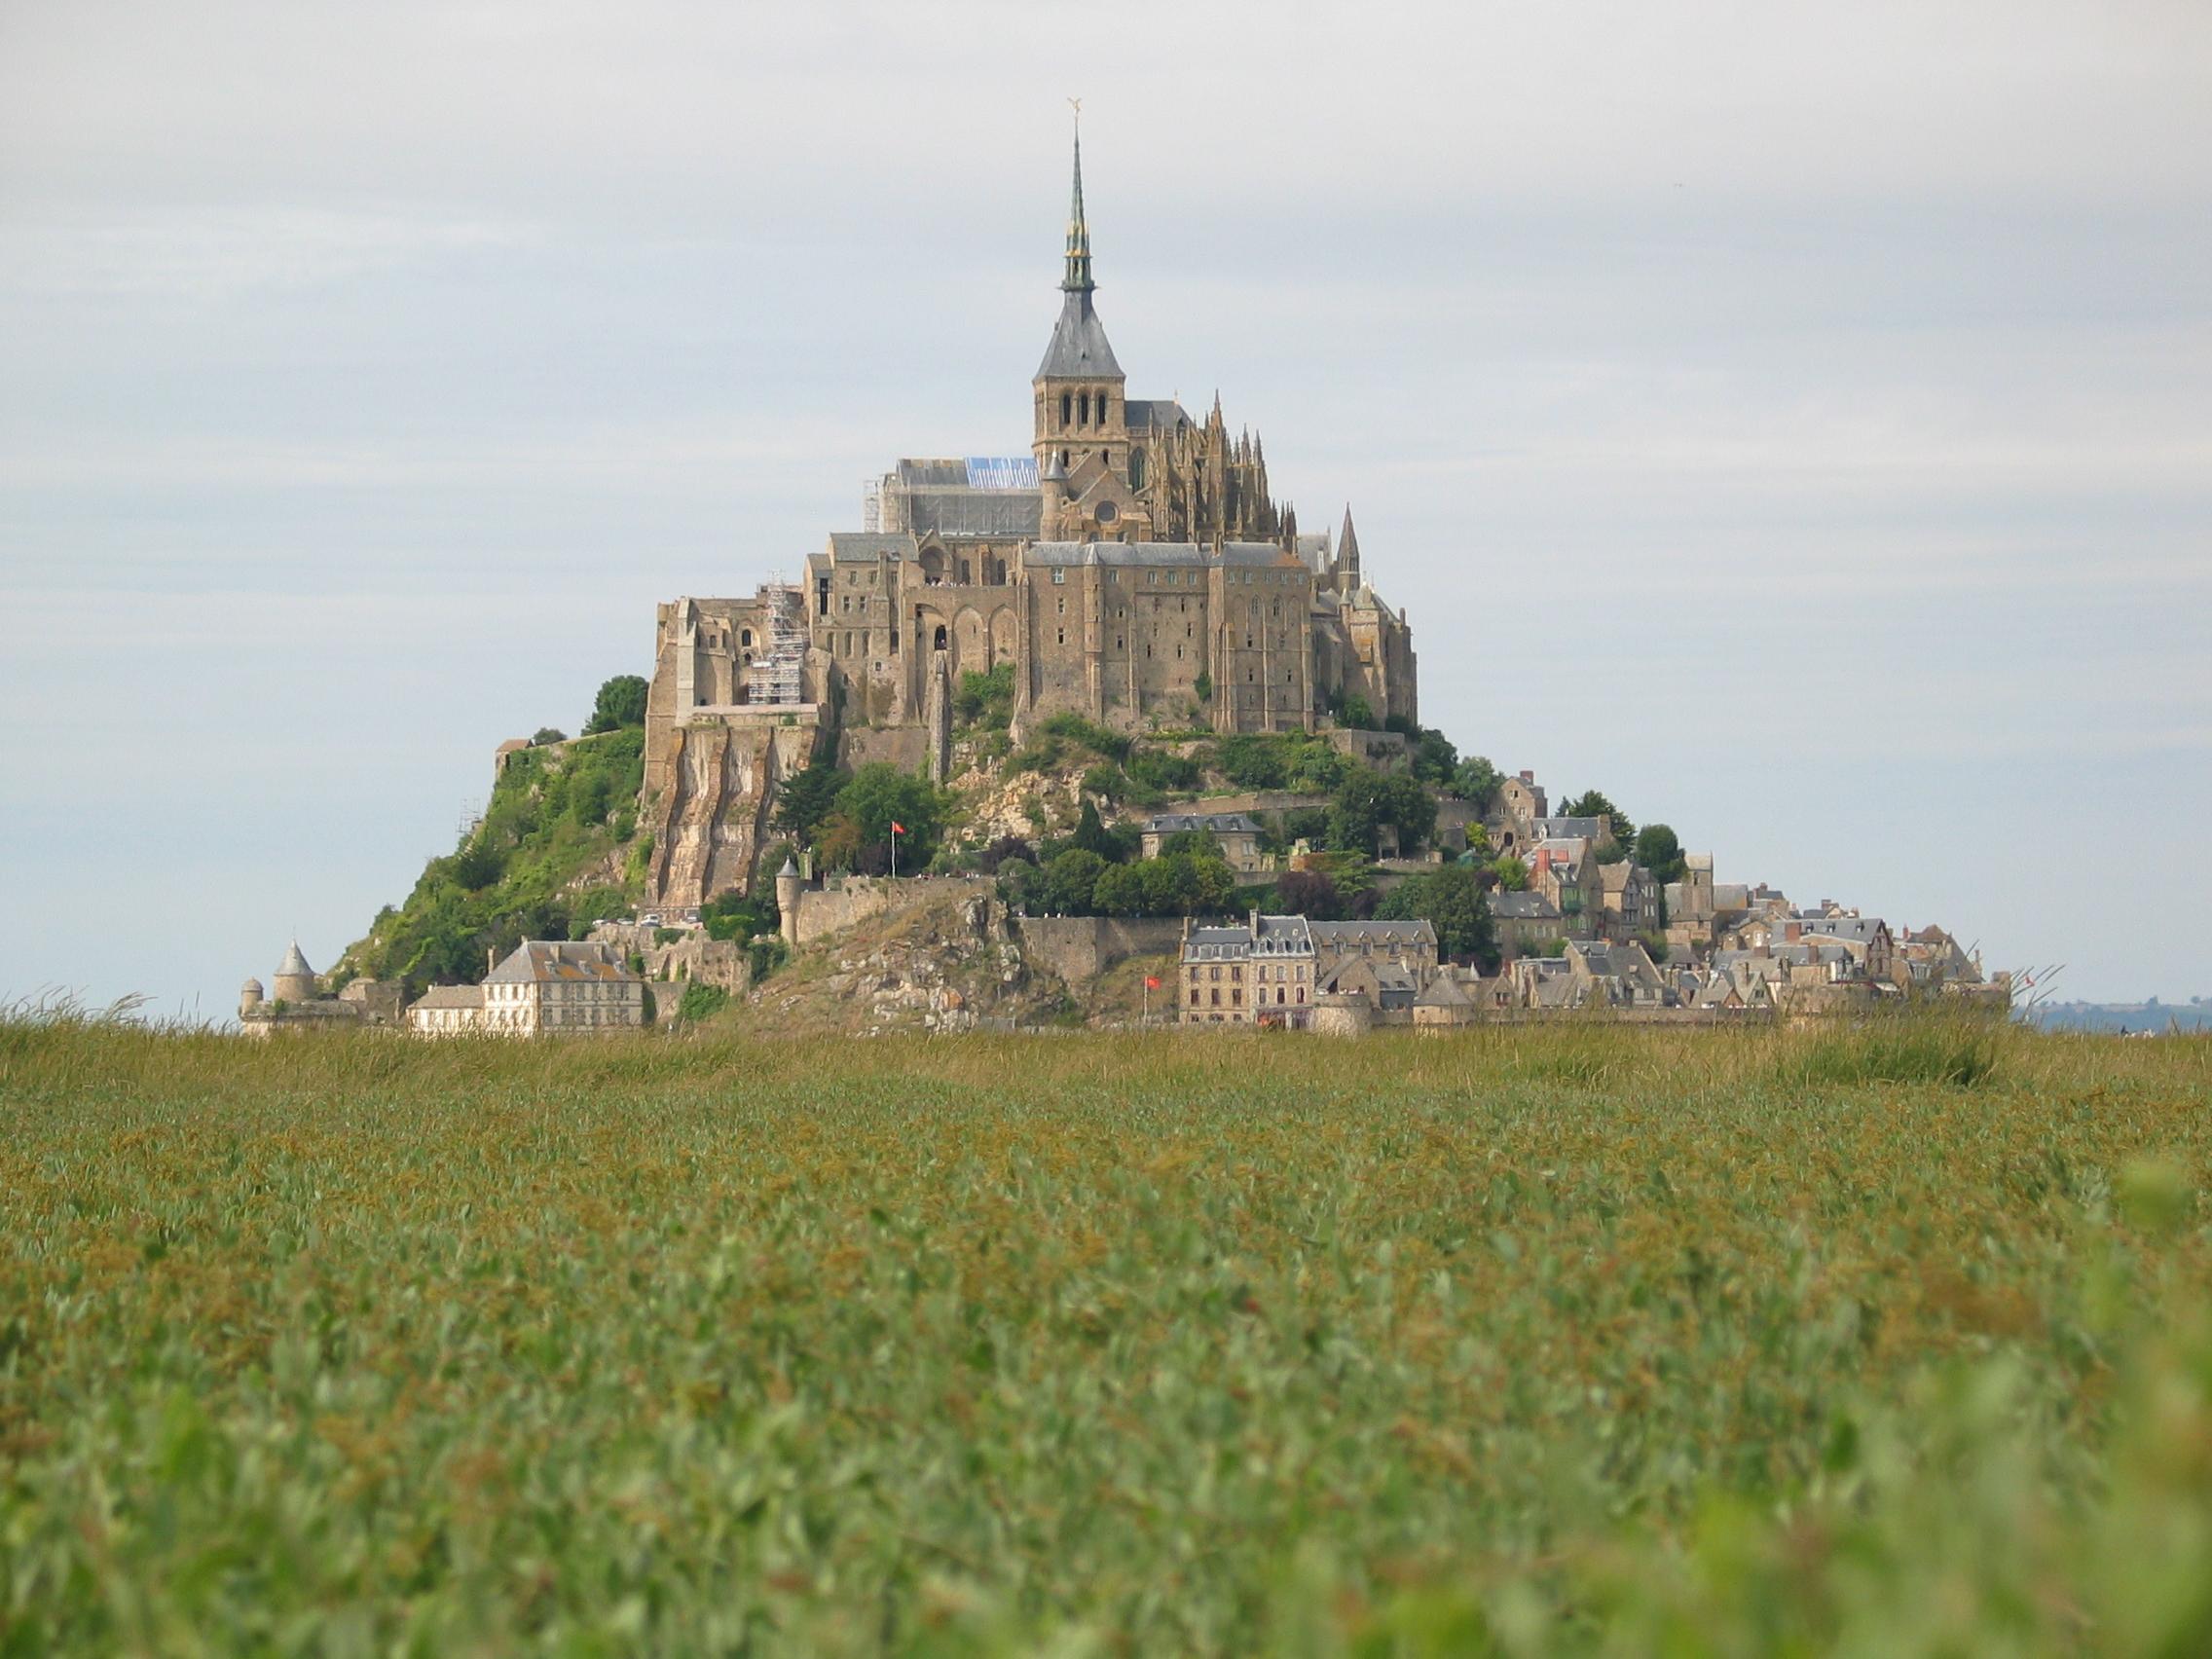 geoff_vane mont saint michel city tower hill island